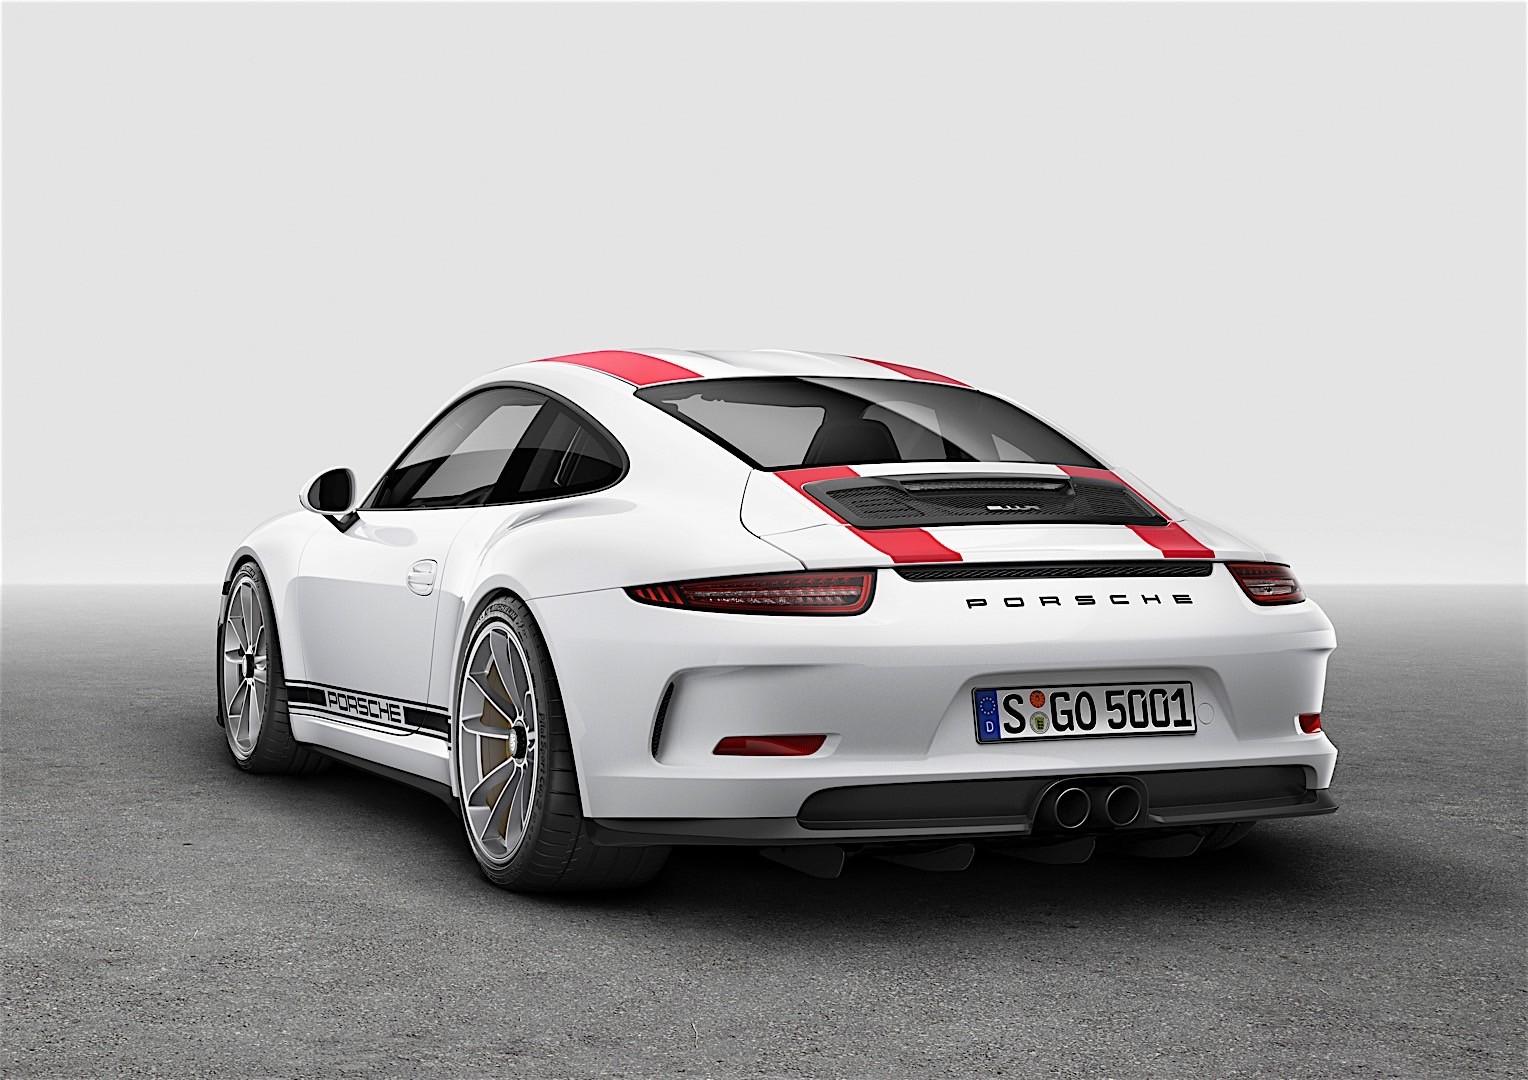 Porsche 911 r specs 2016 2017 2018 autoevolution porsche 911 r 2016 present sciox Images